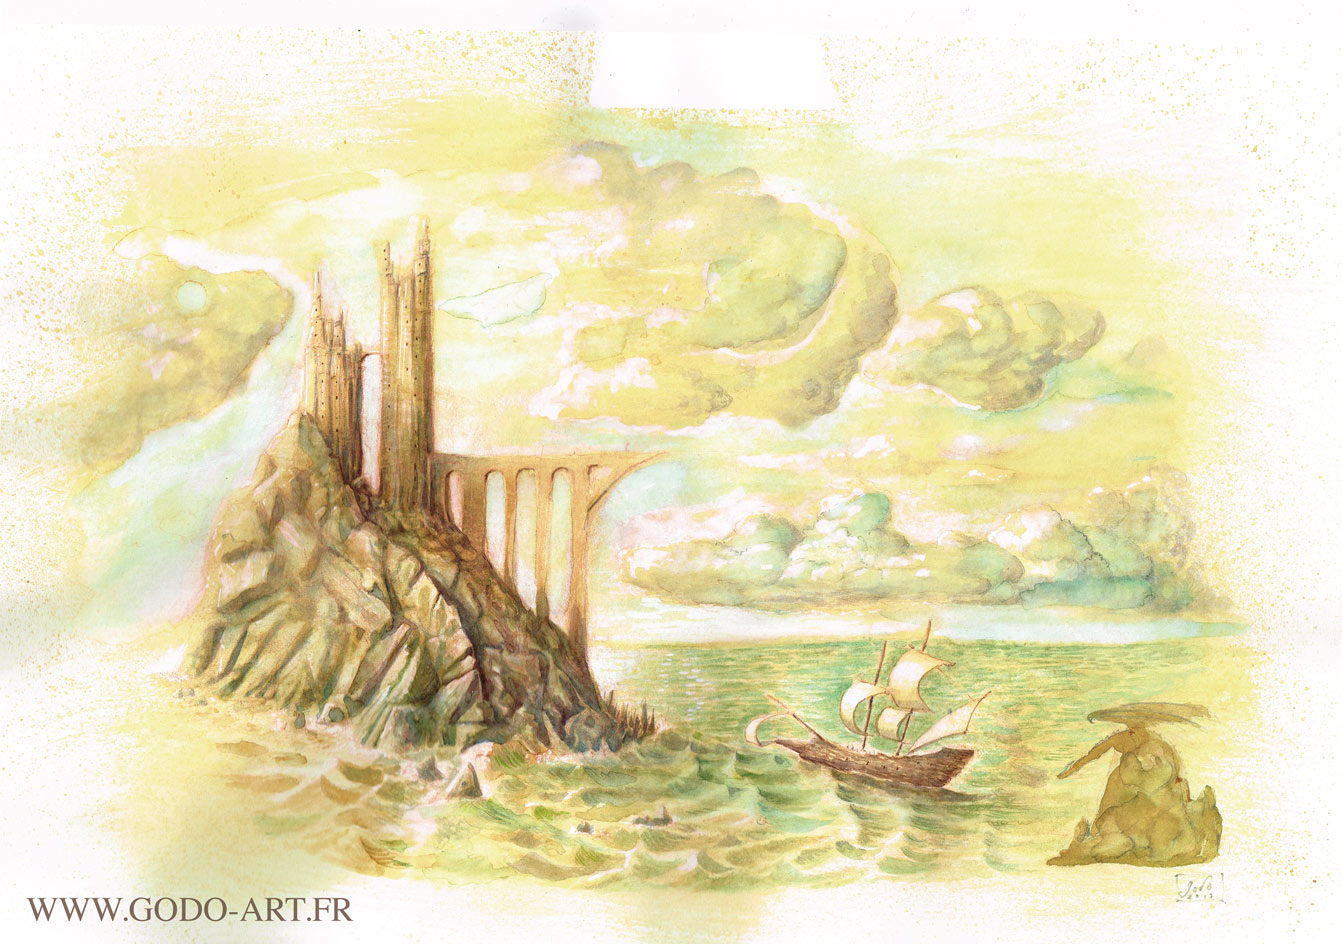 illustration d'une ile aux dragons sur laquelle débarque un gallion. ILlustration réalisée aux encres aquarelle et dessin au crayon. Illustration godo